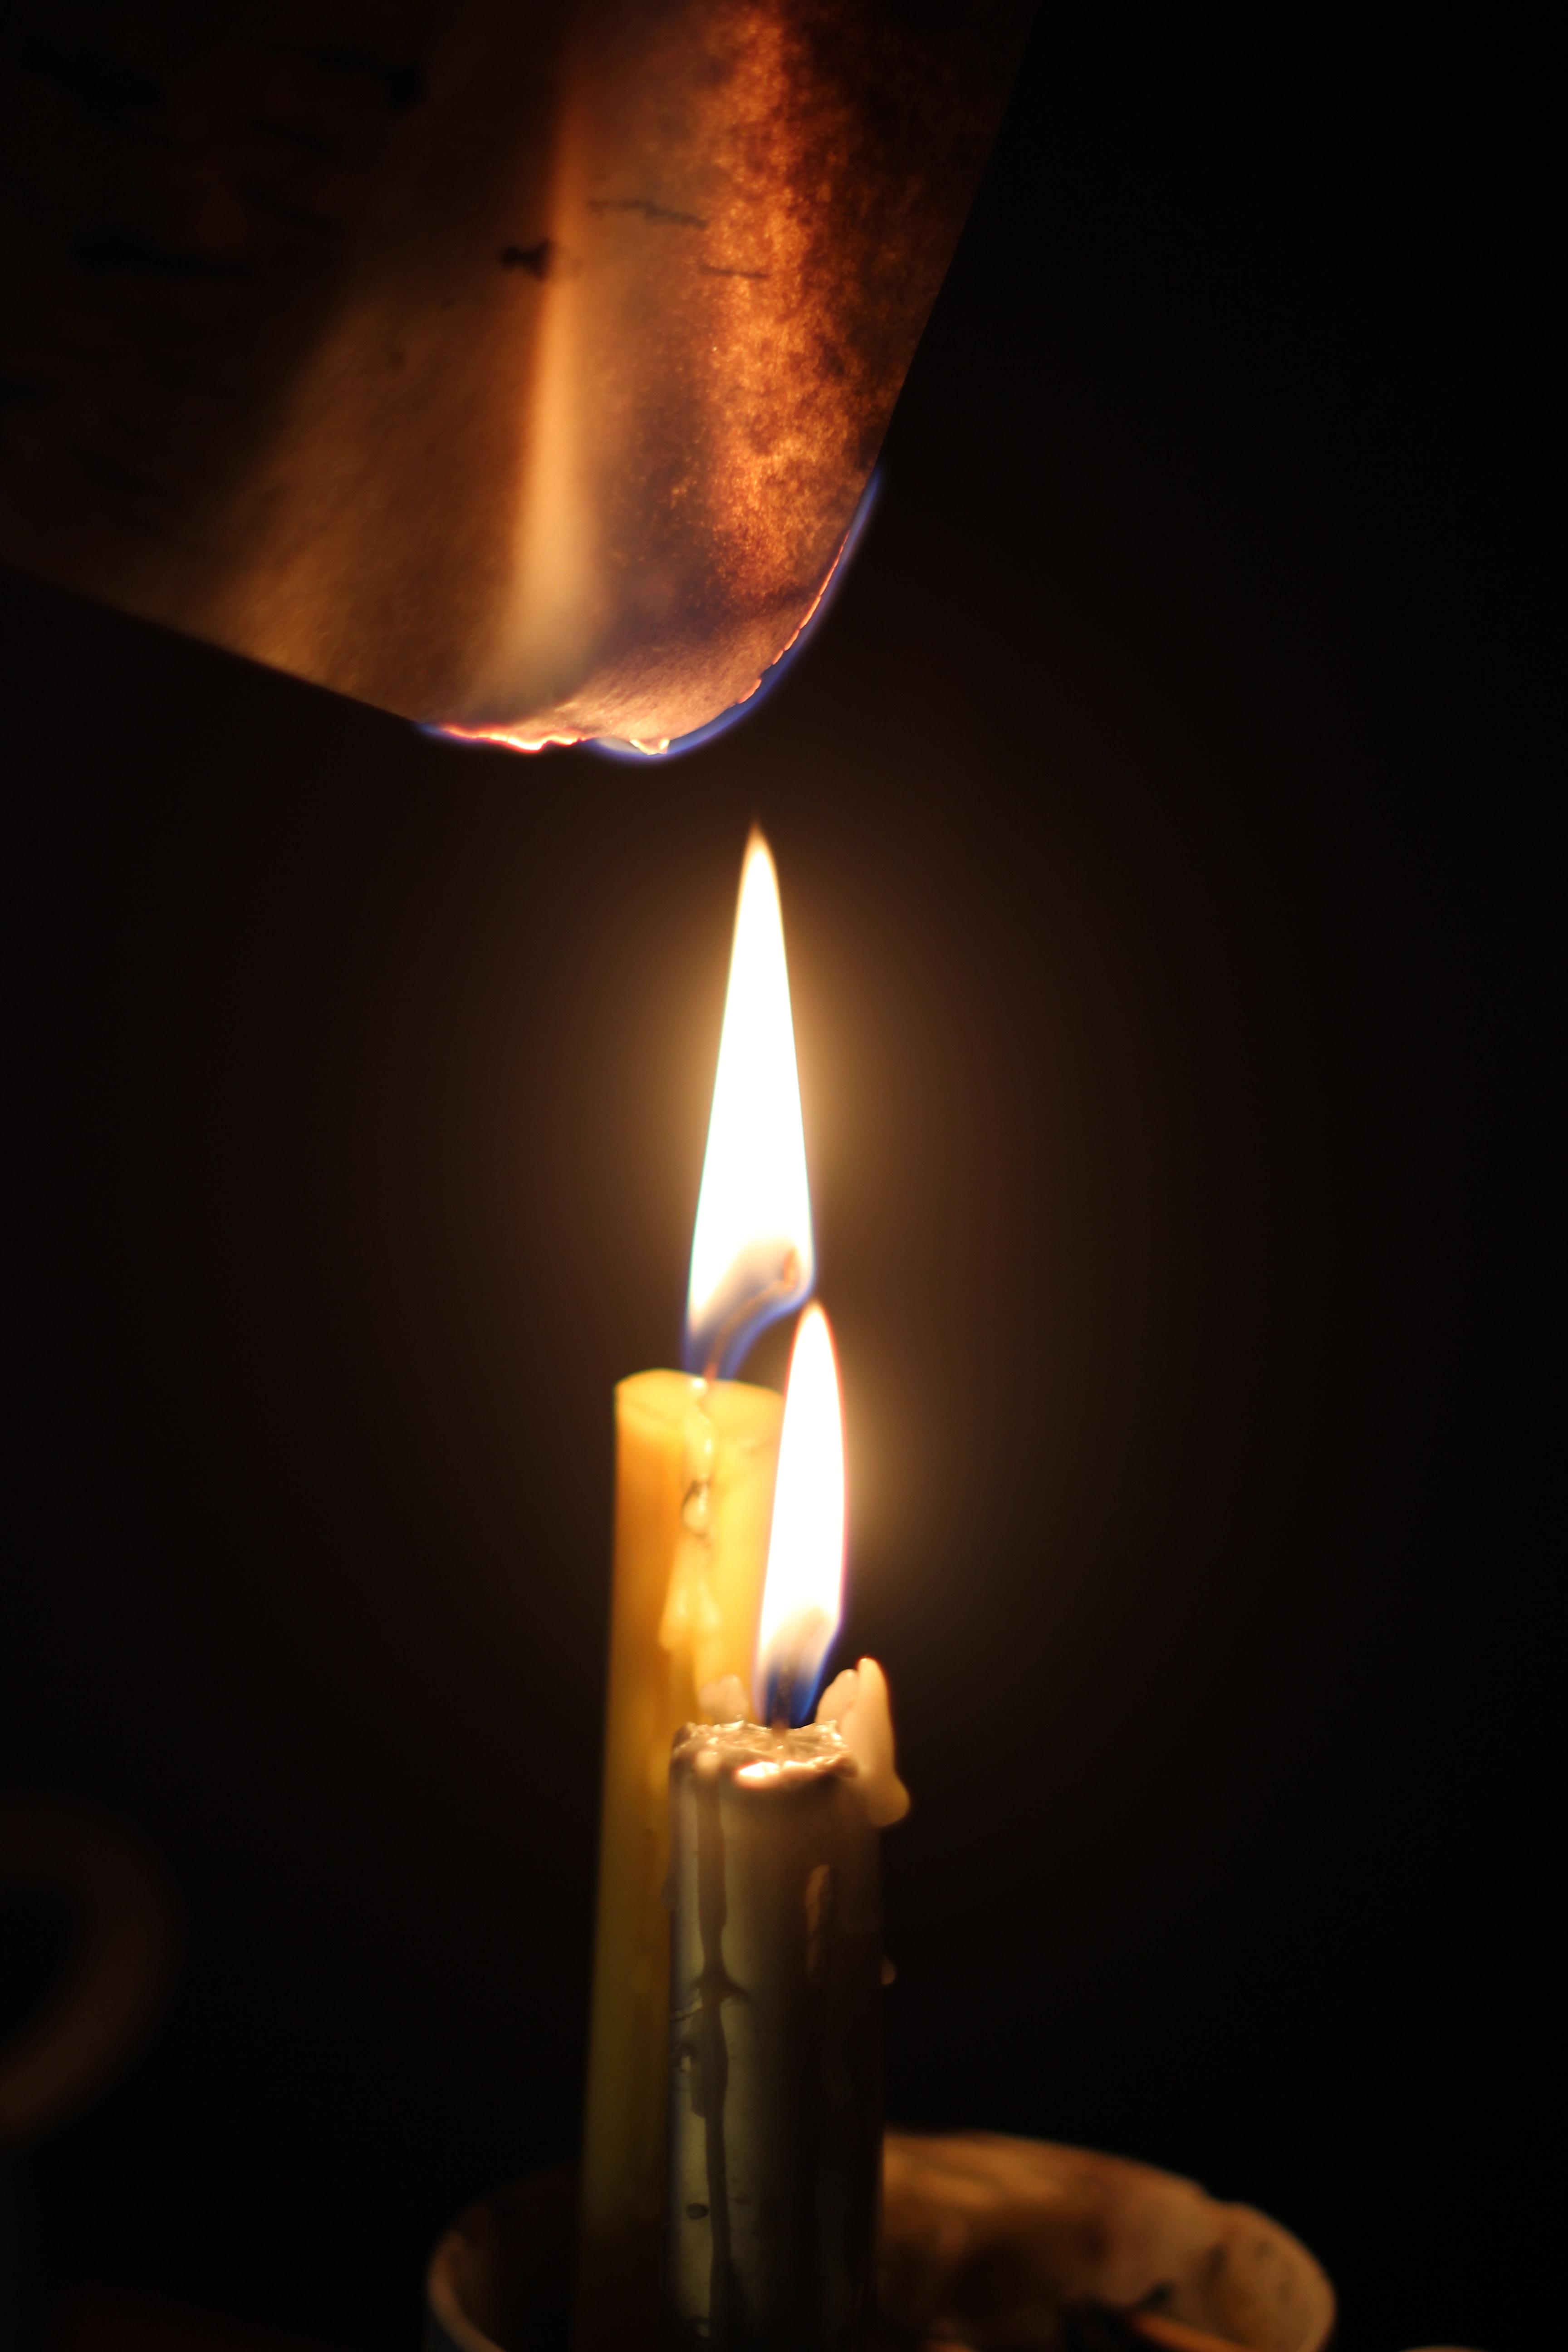 121606 Hintergrundbild herunterladen Kerzen, Feuer, Verschiedenes, Sonstige, Papier, Brennen - Bildschirmschoner und Bilder kostenlos